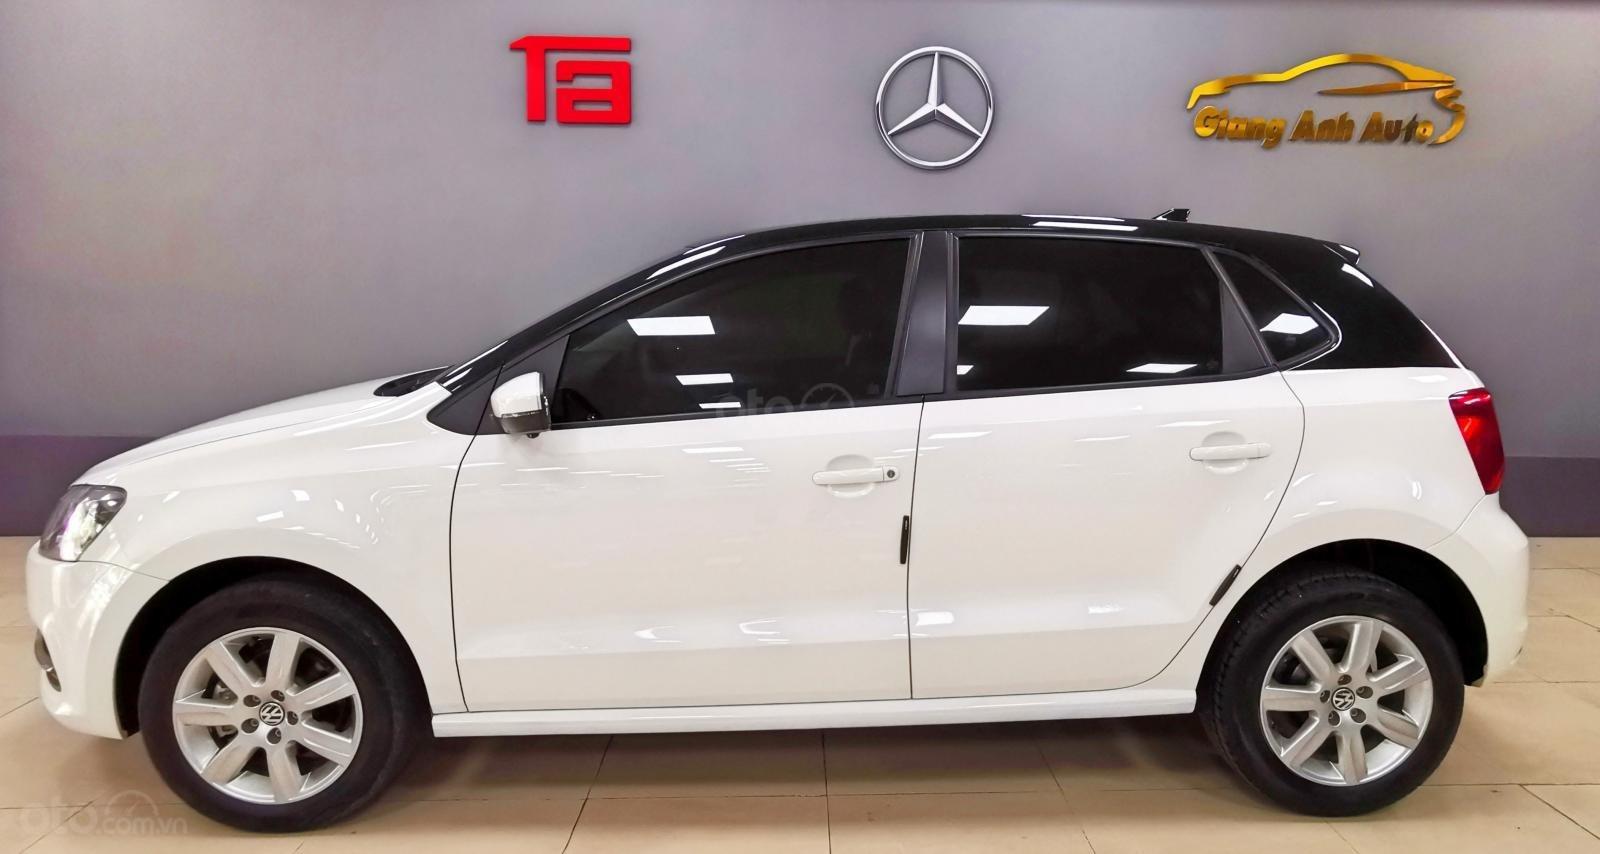 Cần bán lại xe Volkswagen Polo sx 2016 nhập khẩu (3)